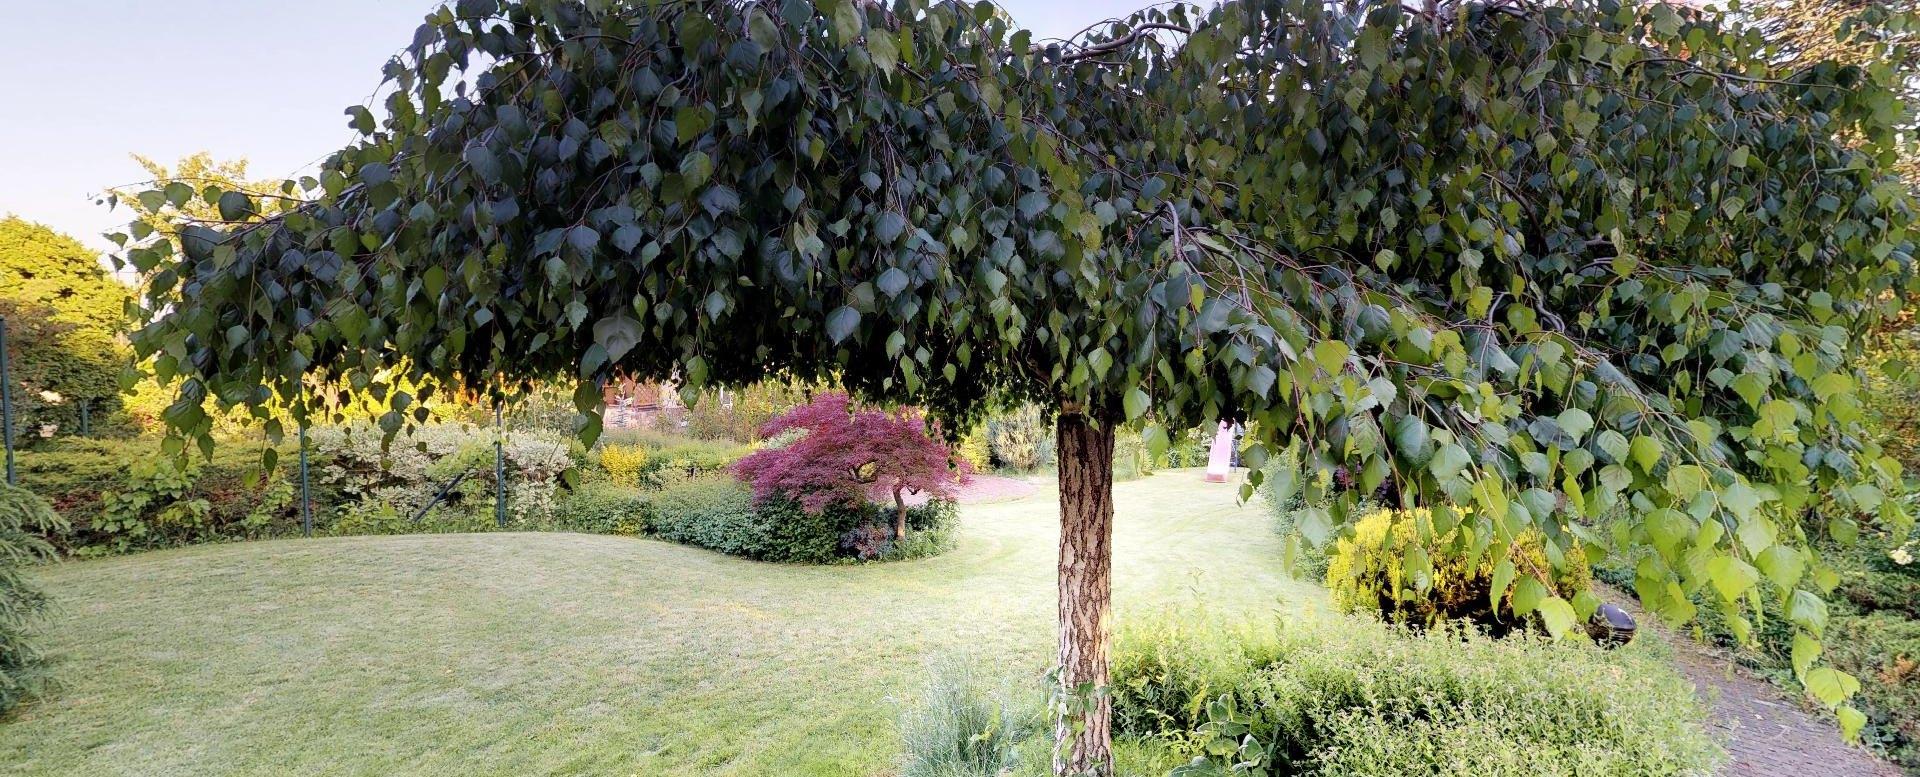 breza v záhrade